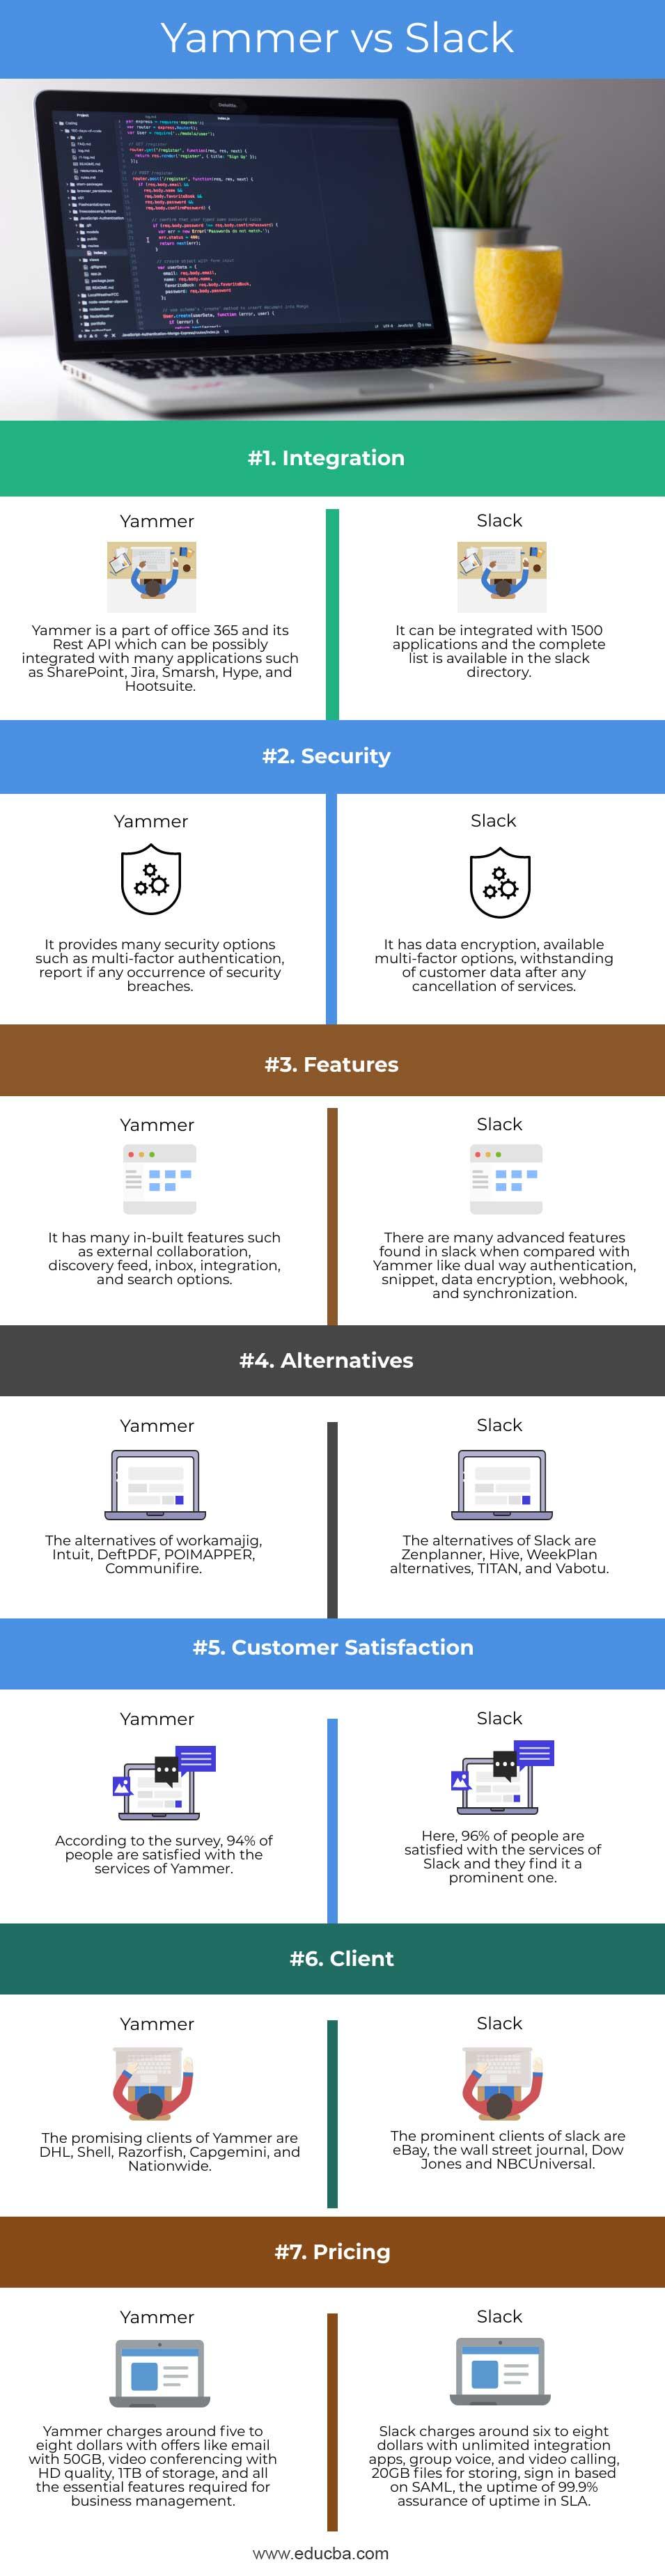 Yammer-vs-Slack-info